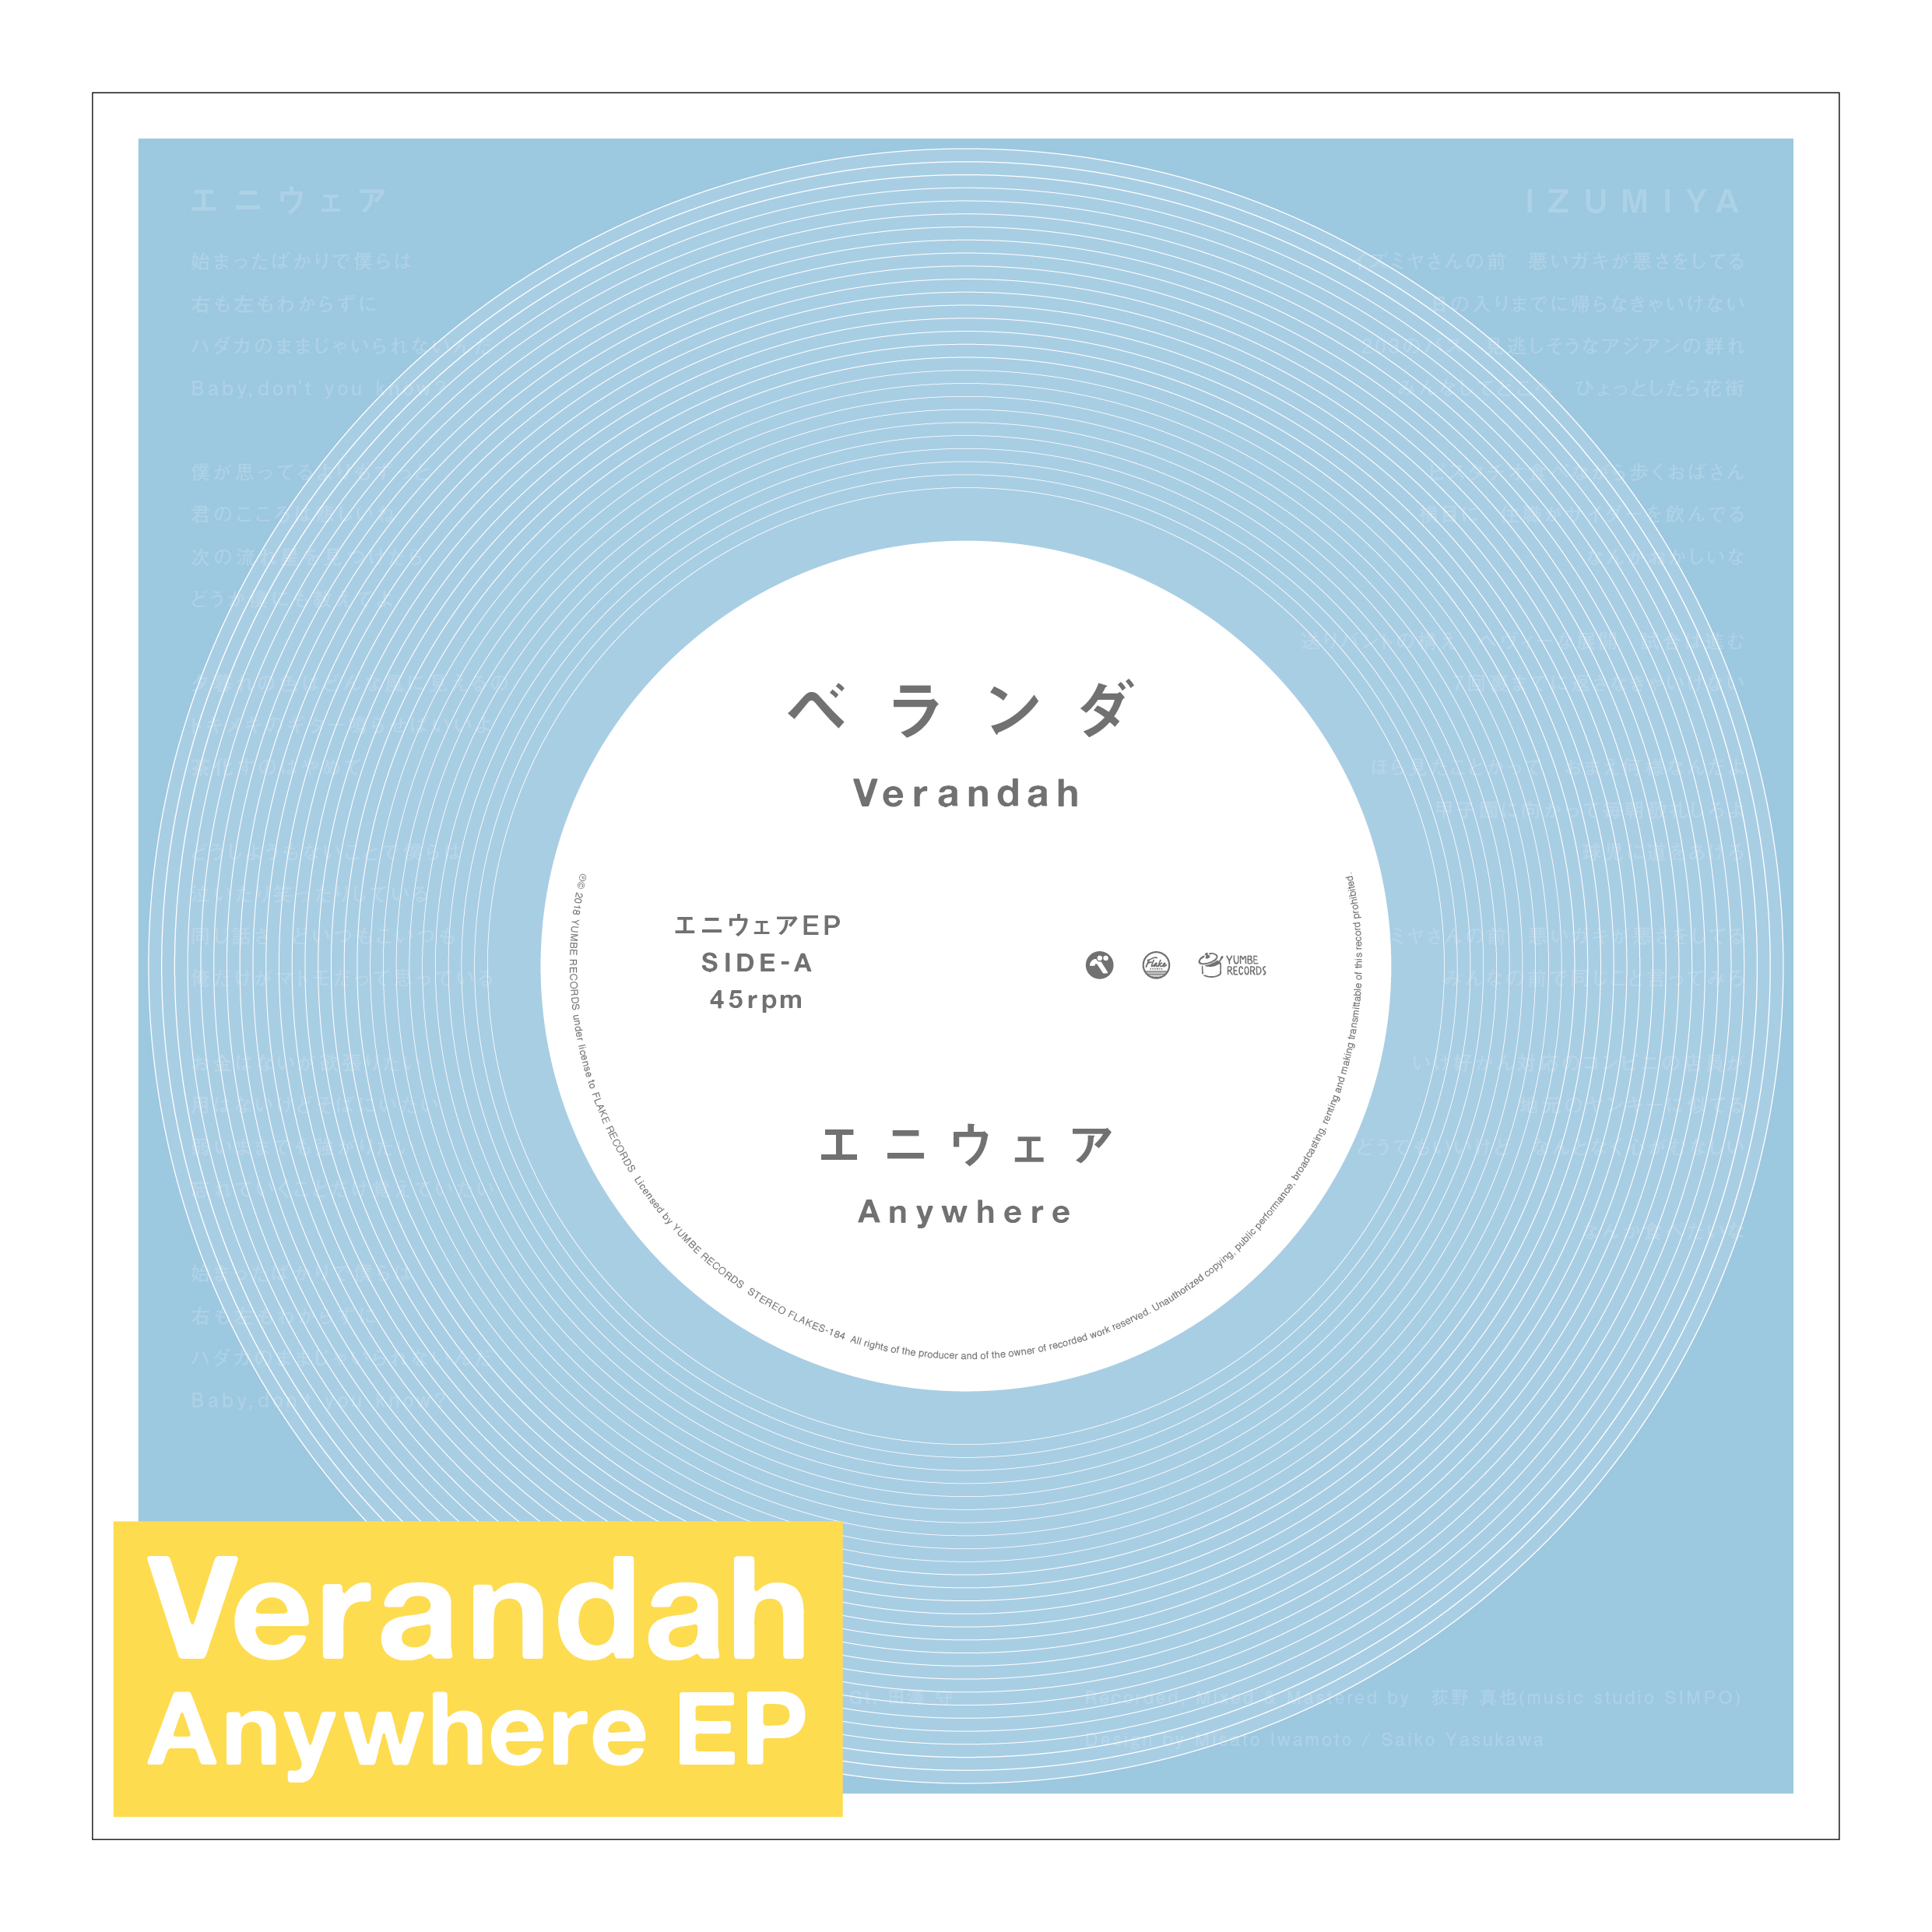 074_ベランダエニウェア EP